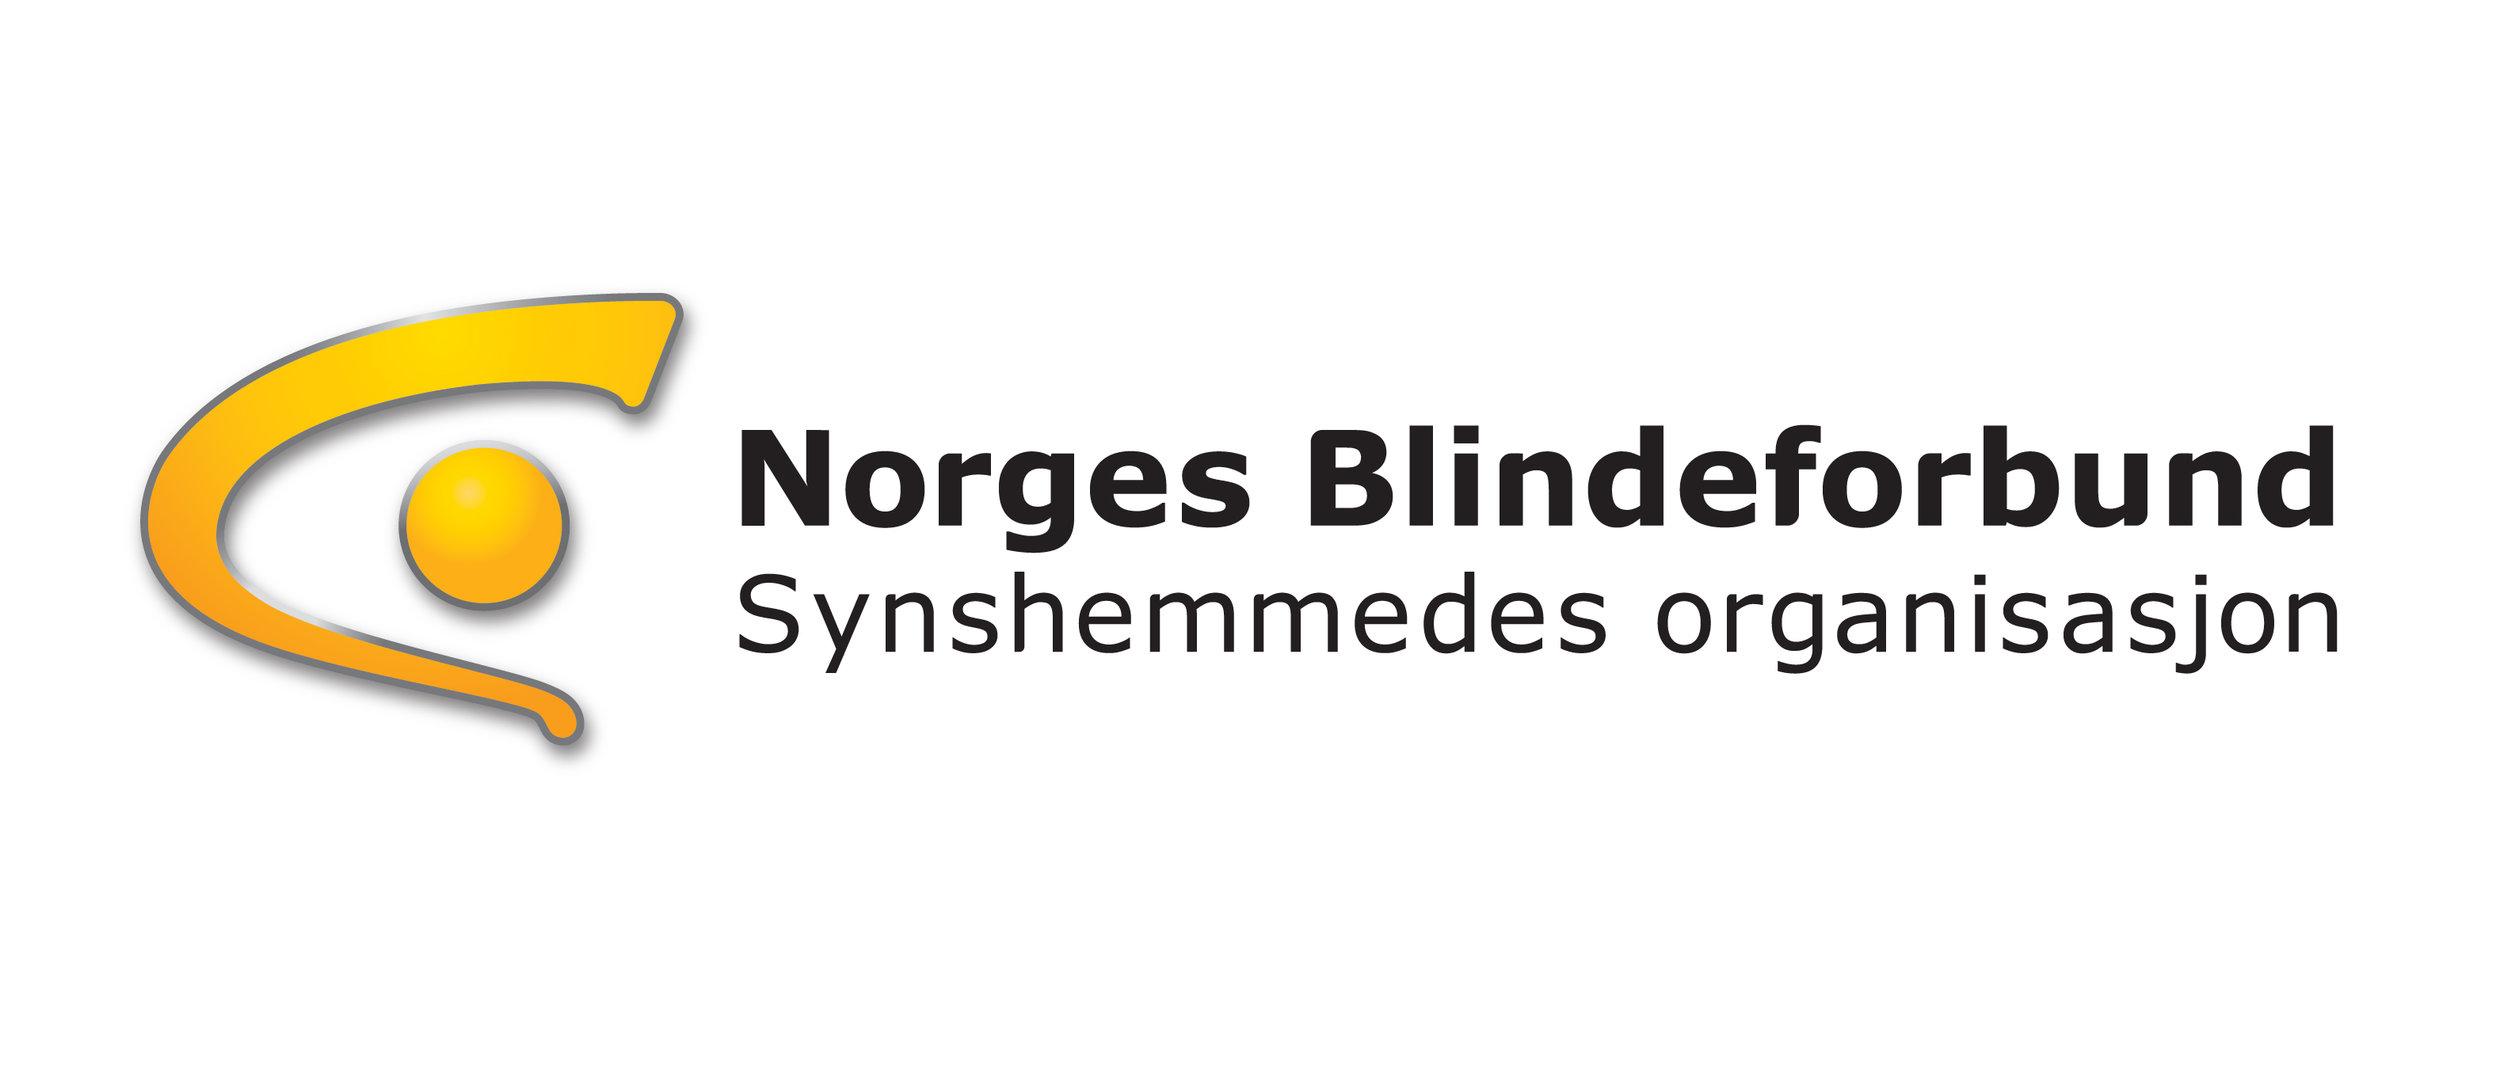 Norges blindeforbund - Hver dag får 40 nordmenn problemer med synet. Ingen vet om det i morgen er en av dine ansatte som rammes. Blindeforbundet er der for mennesker som opplever at synet svikter. Våre samarbeidspartnere bidrar til å hjelpe oss å nå ut til flere med informasjon og hjelp.